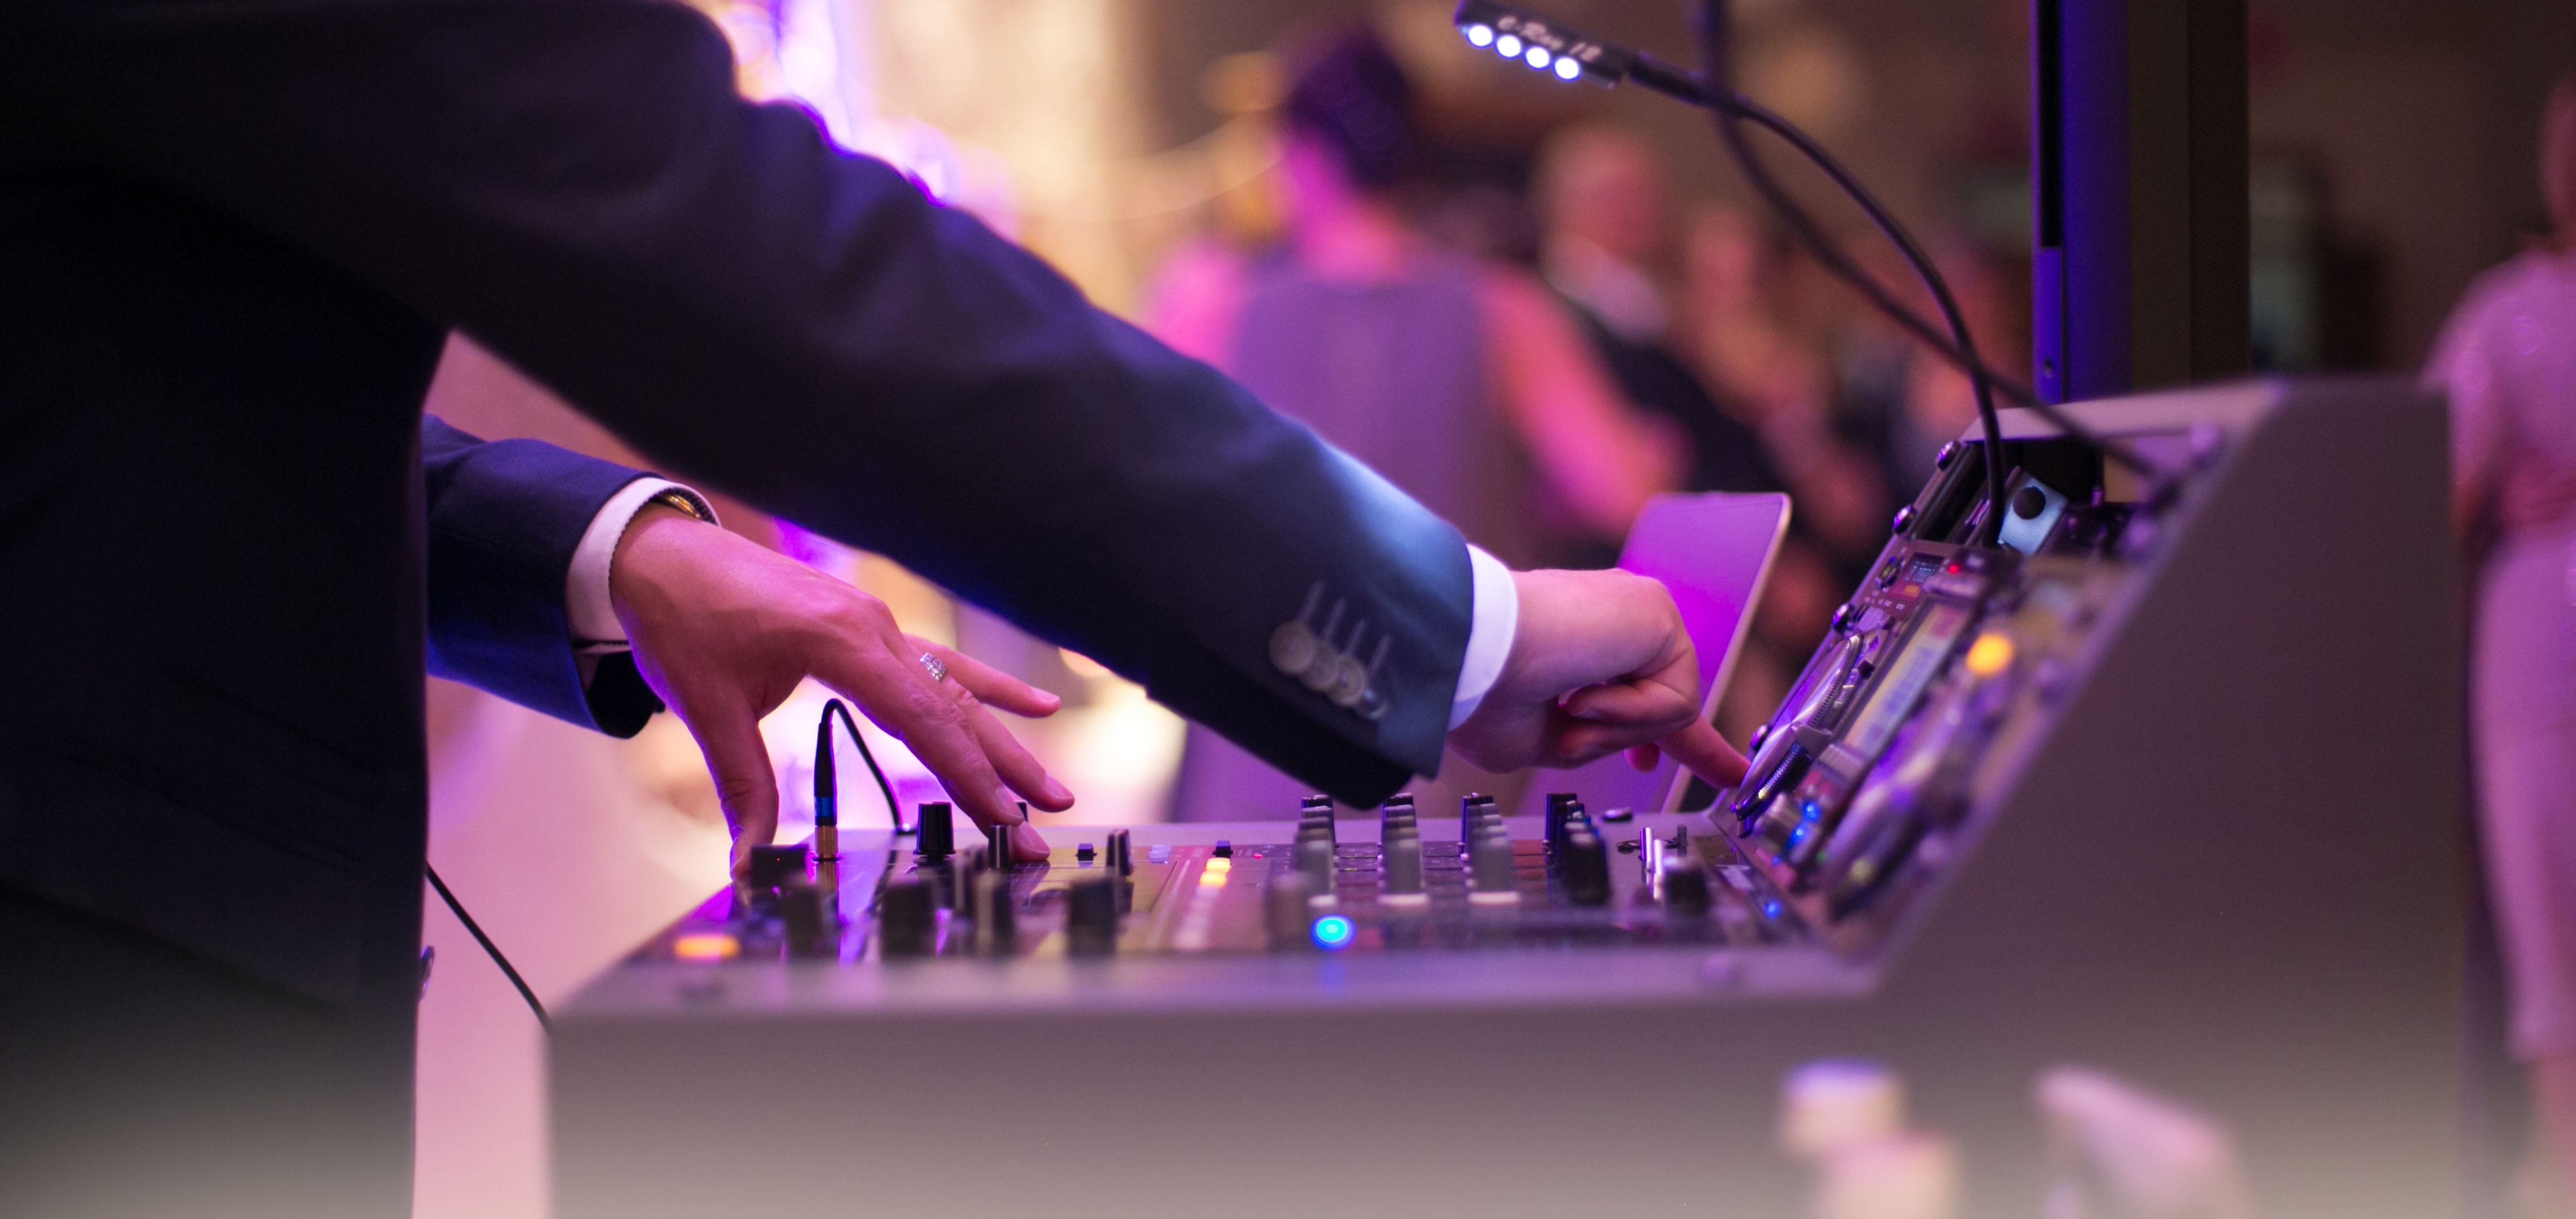 HG DJ Pult